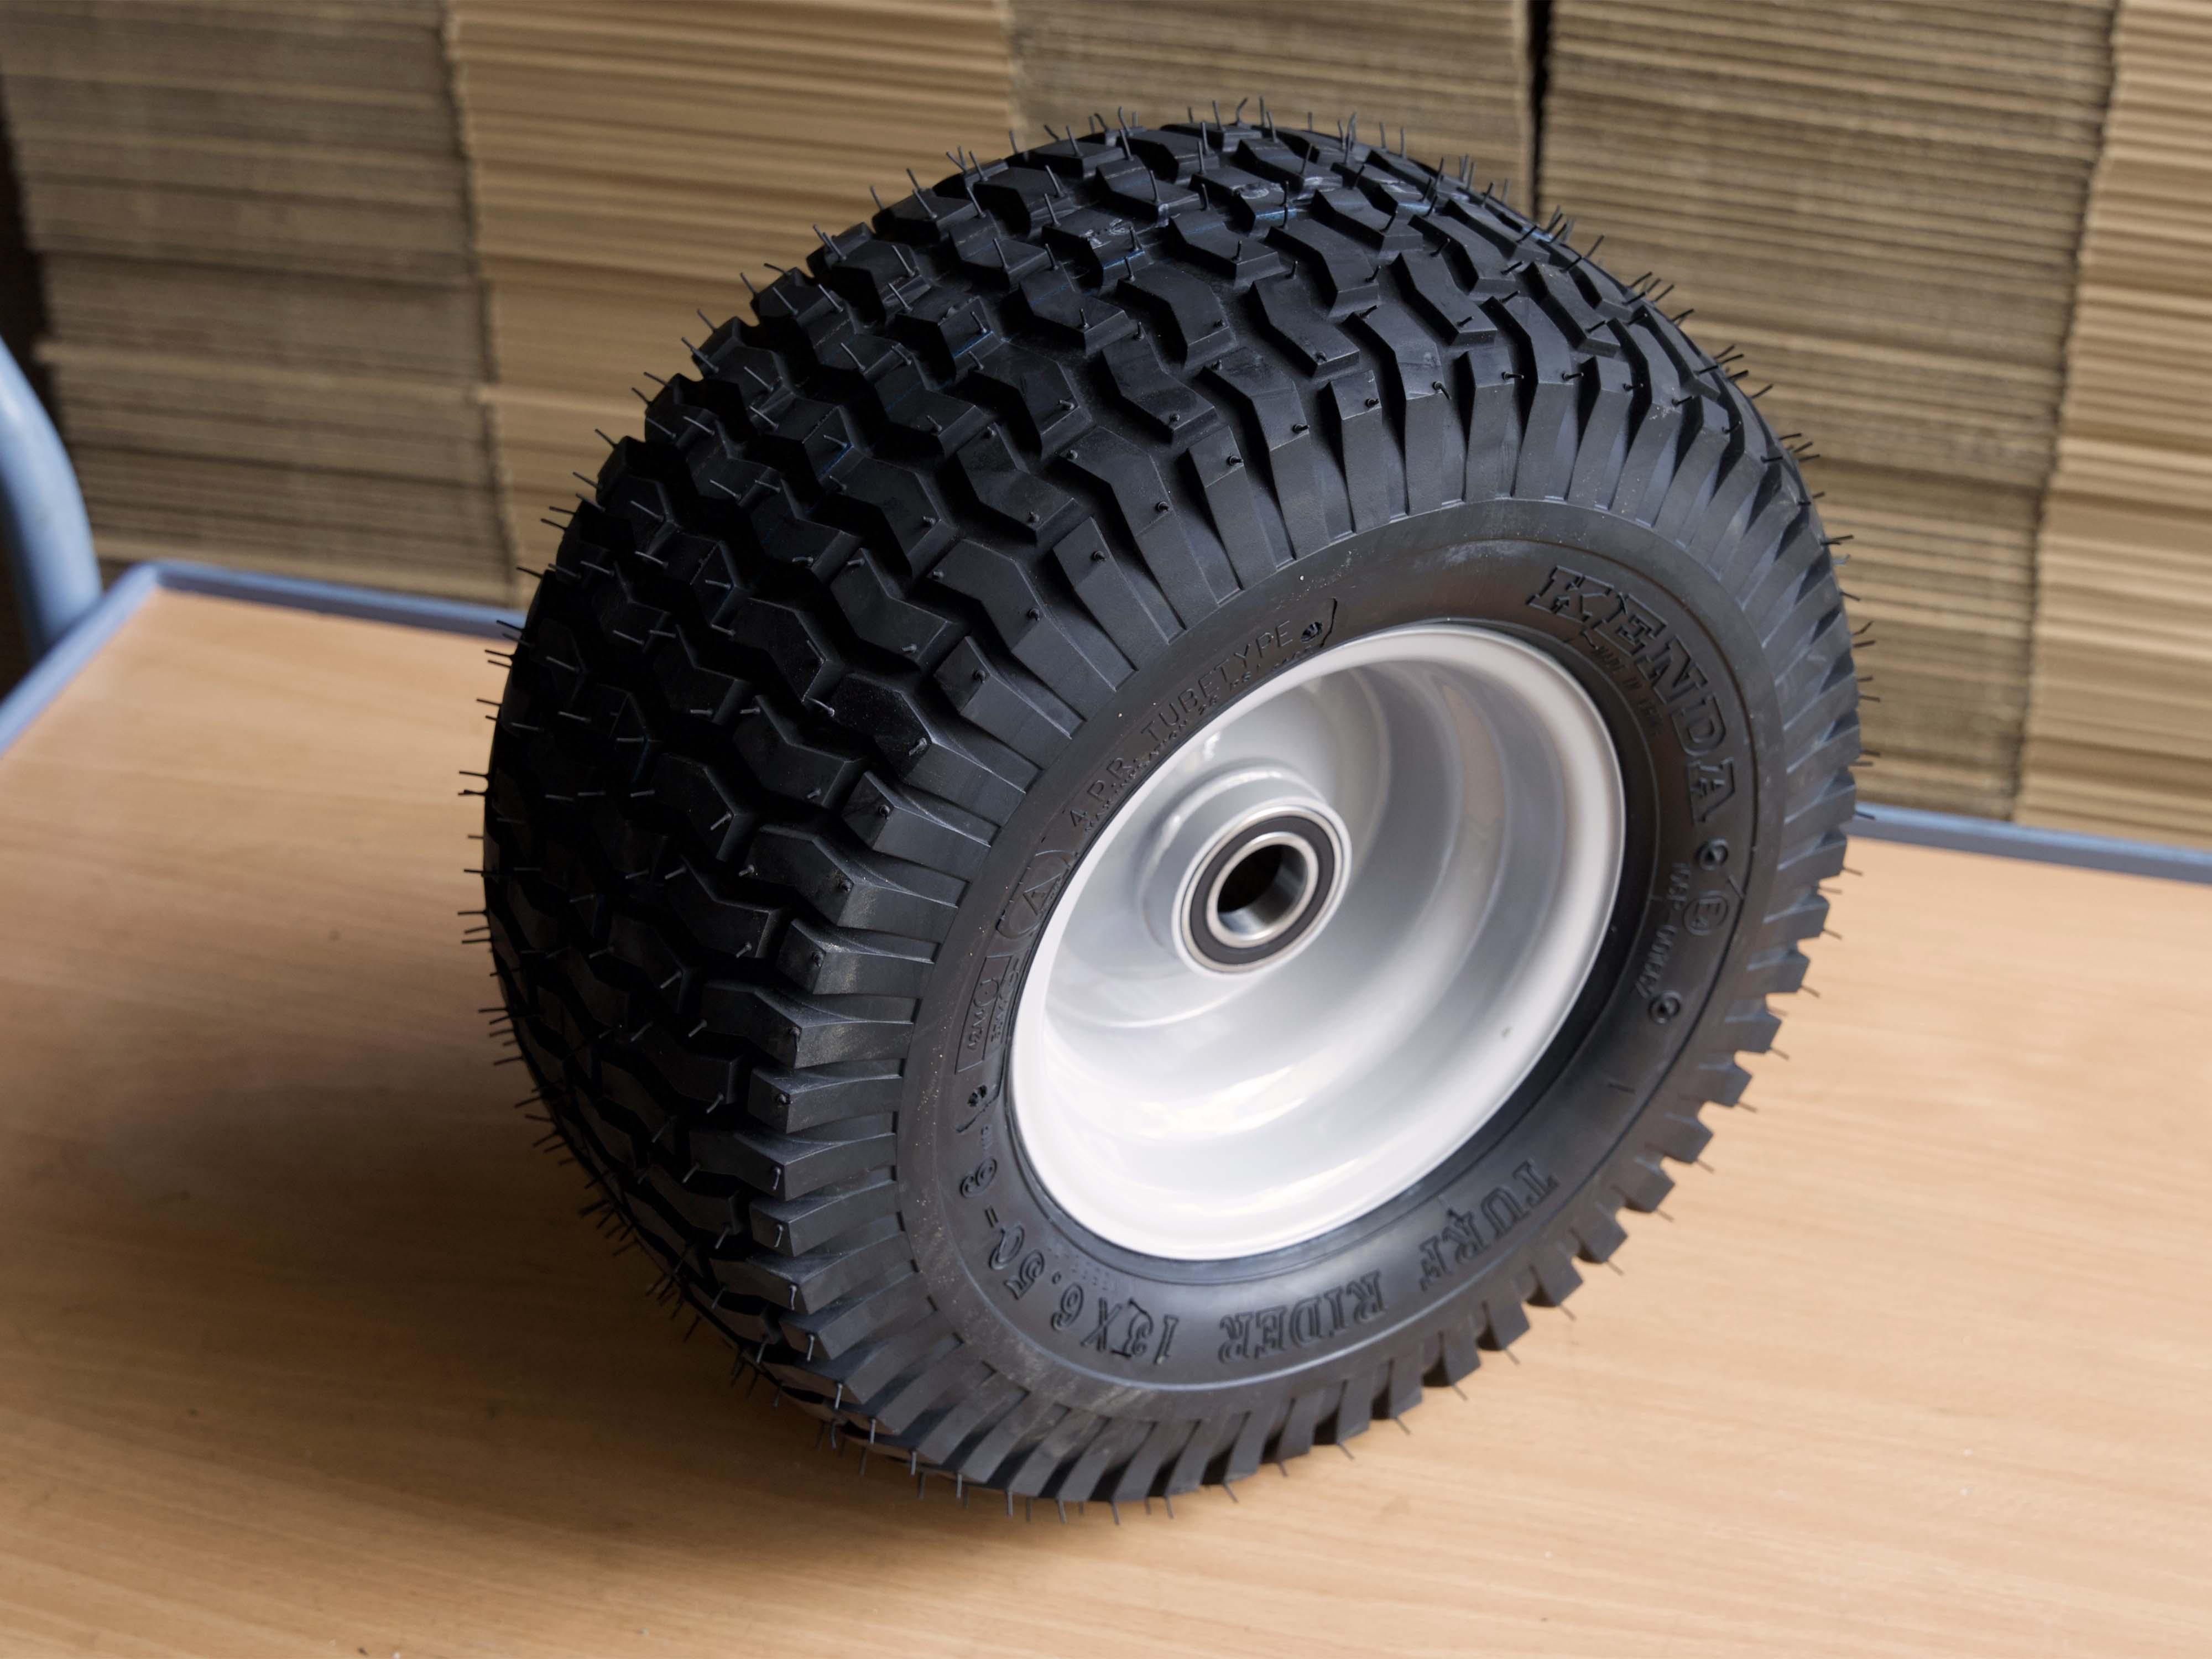 montierter Reifen auf Felge aufgepumpt: Die Deformation ist verschwunden!